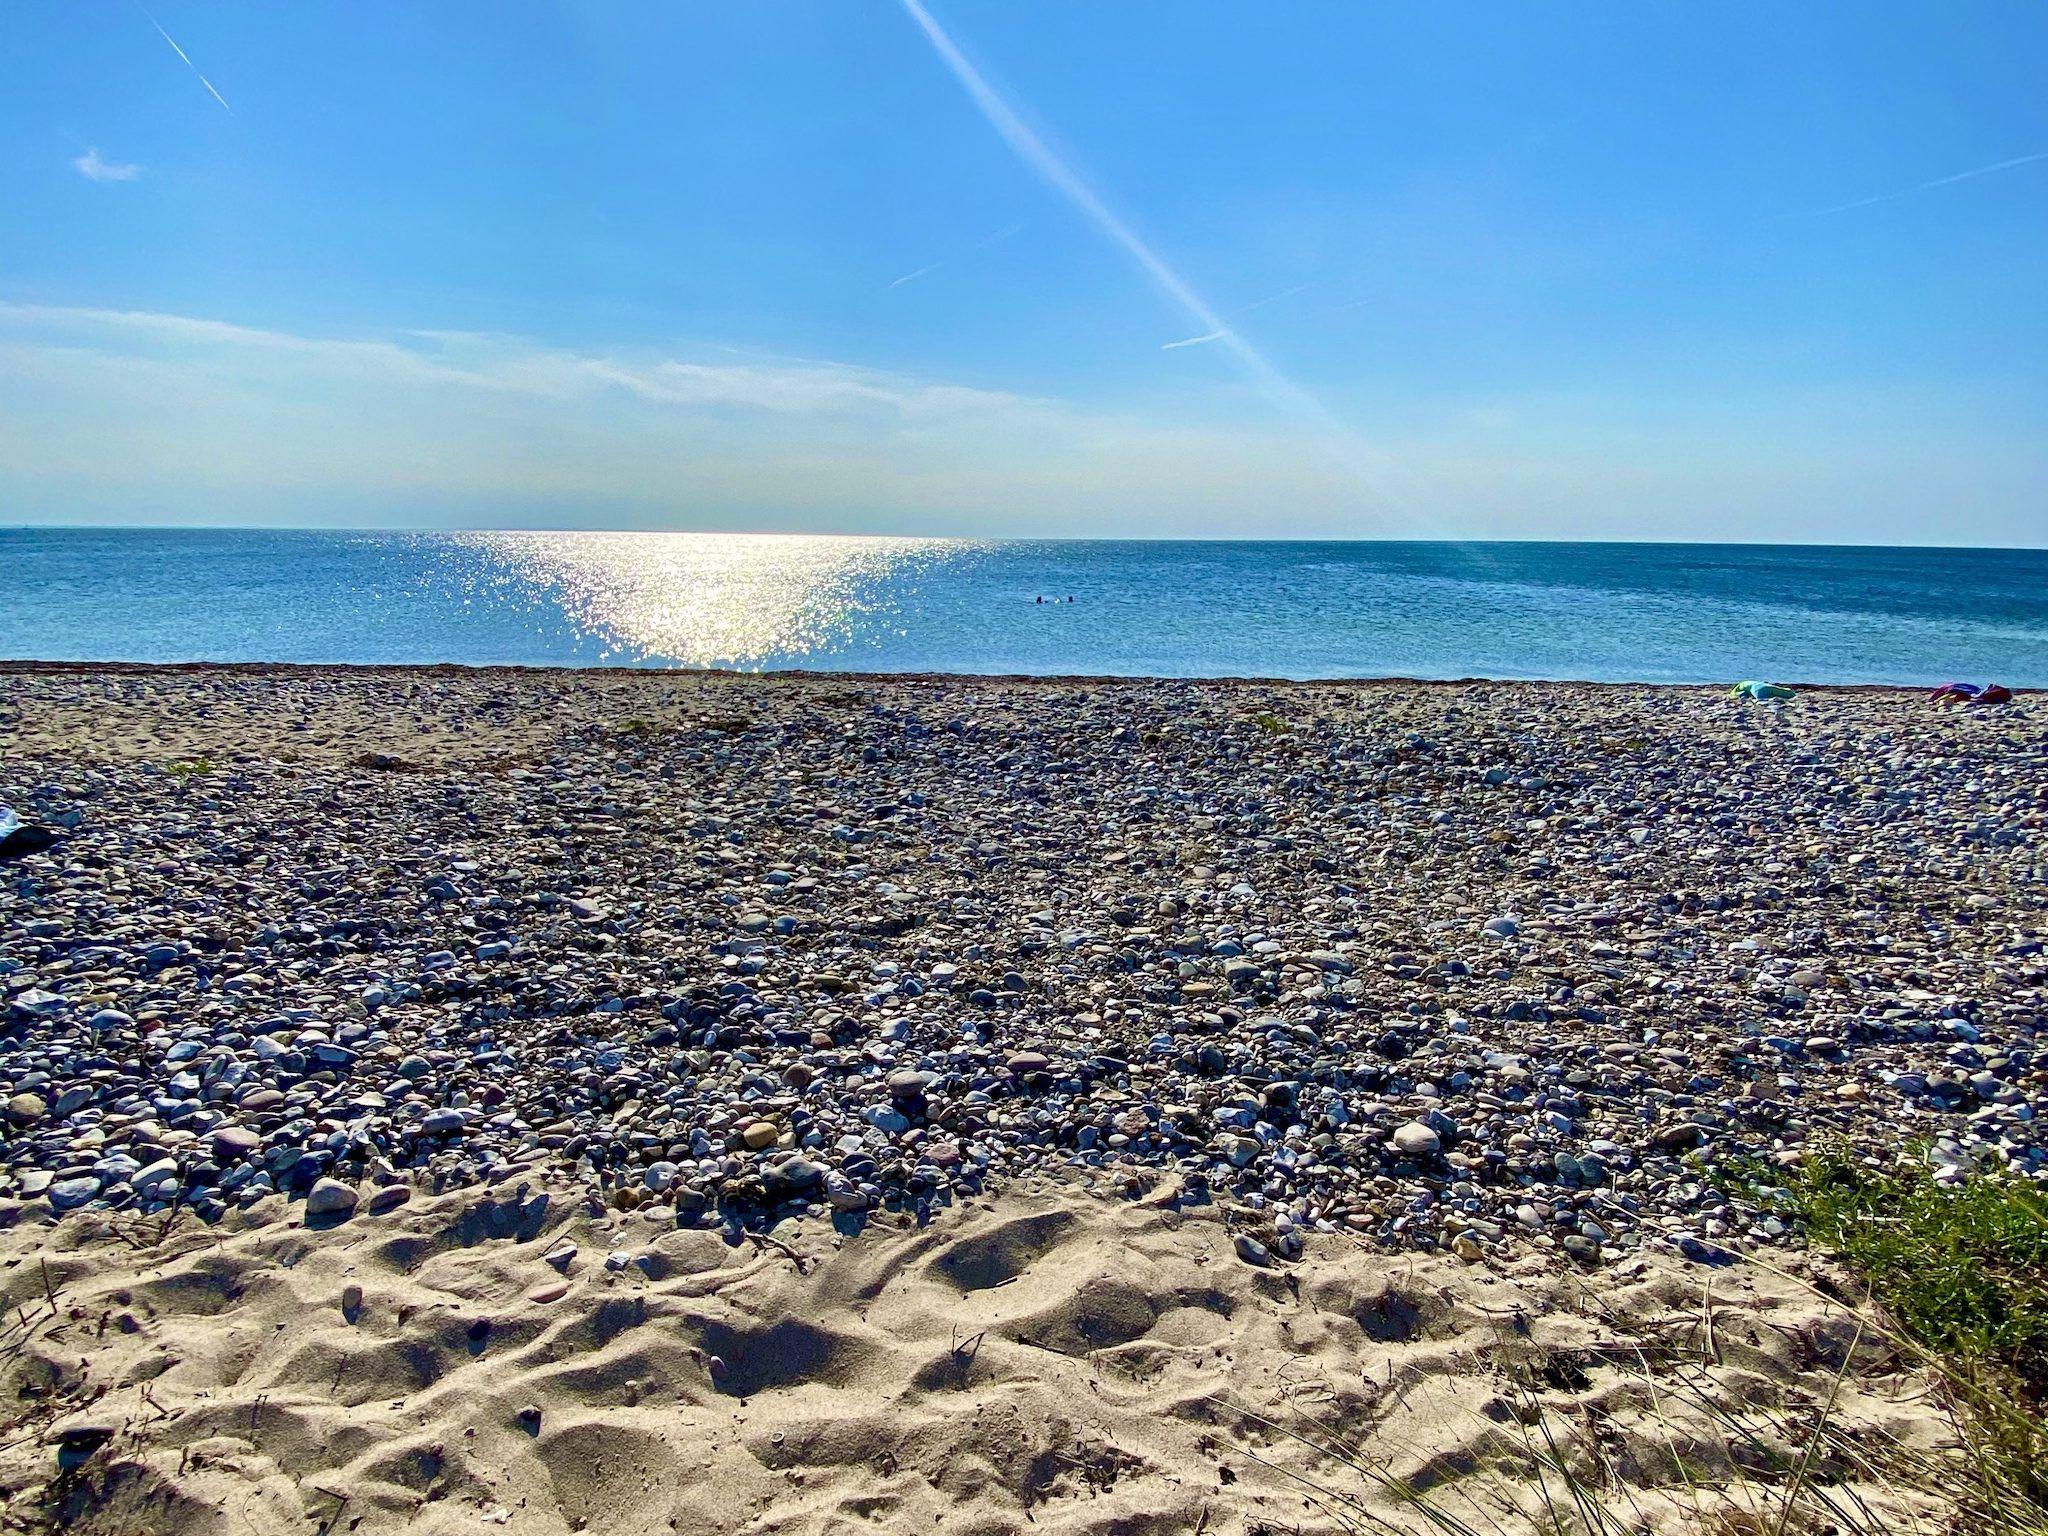 Fehmarn-Reisebericht: Im Kurzurlaub konnten wir die Ruhe am Strand genießen und mal so richtig die Seele baumeln lassen. Foto: Sascha Tegtmeyer